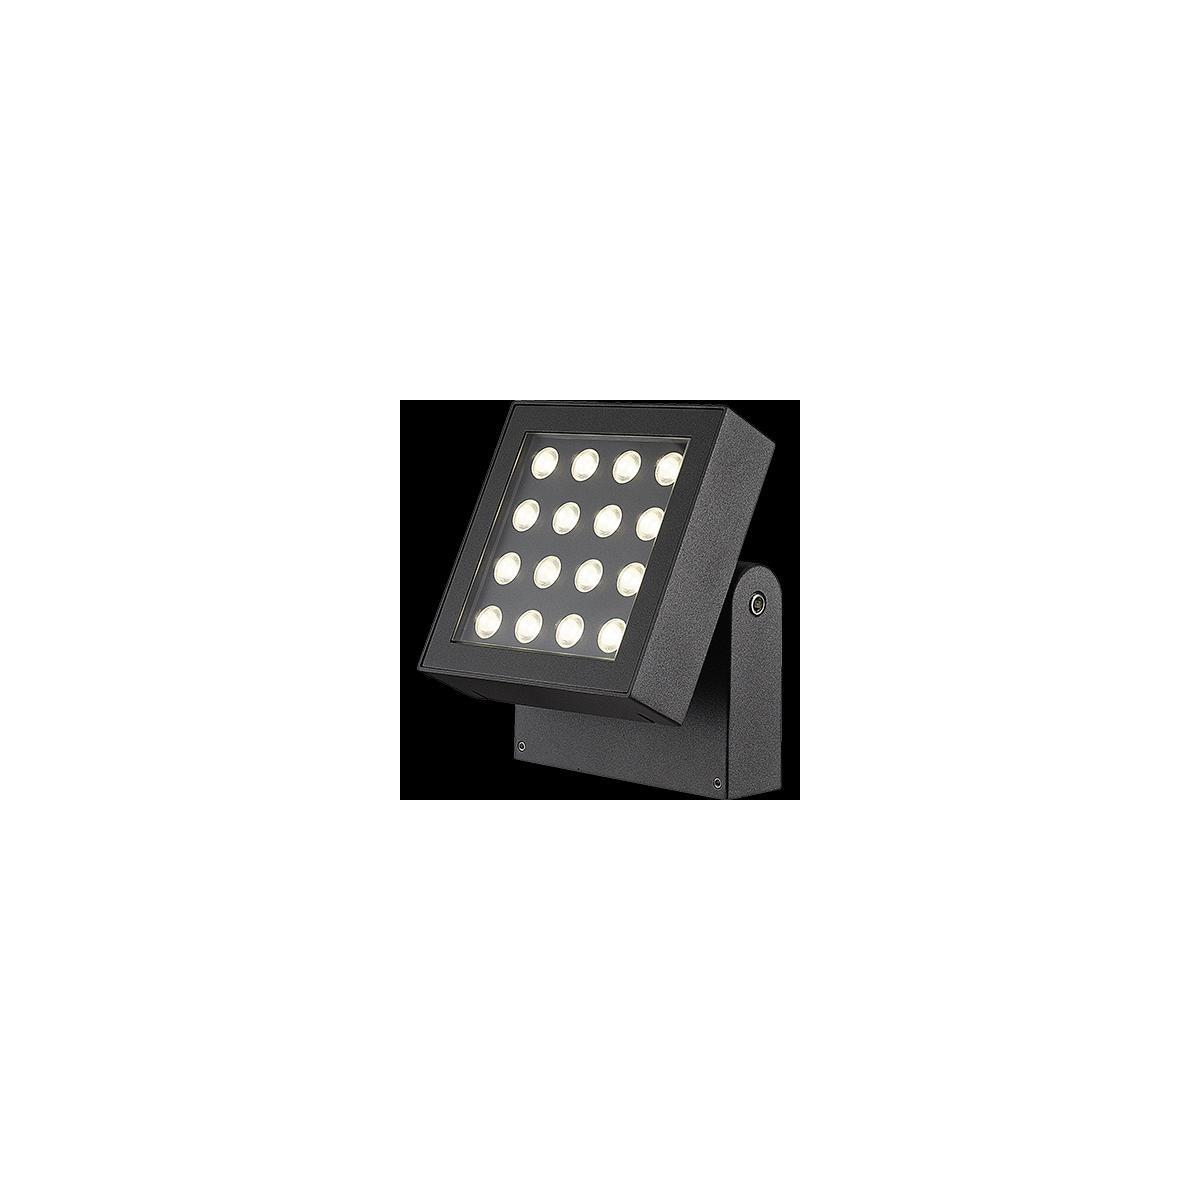 Venkovní svítidlo LED – nástěnné, reflektor, naklápěcí, IP65, barva černá. Provedení čirý polykarbonát.